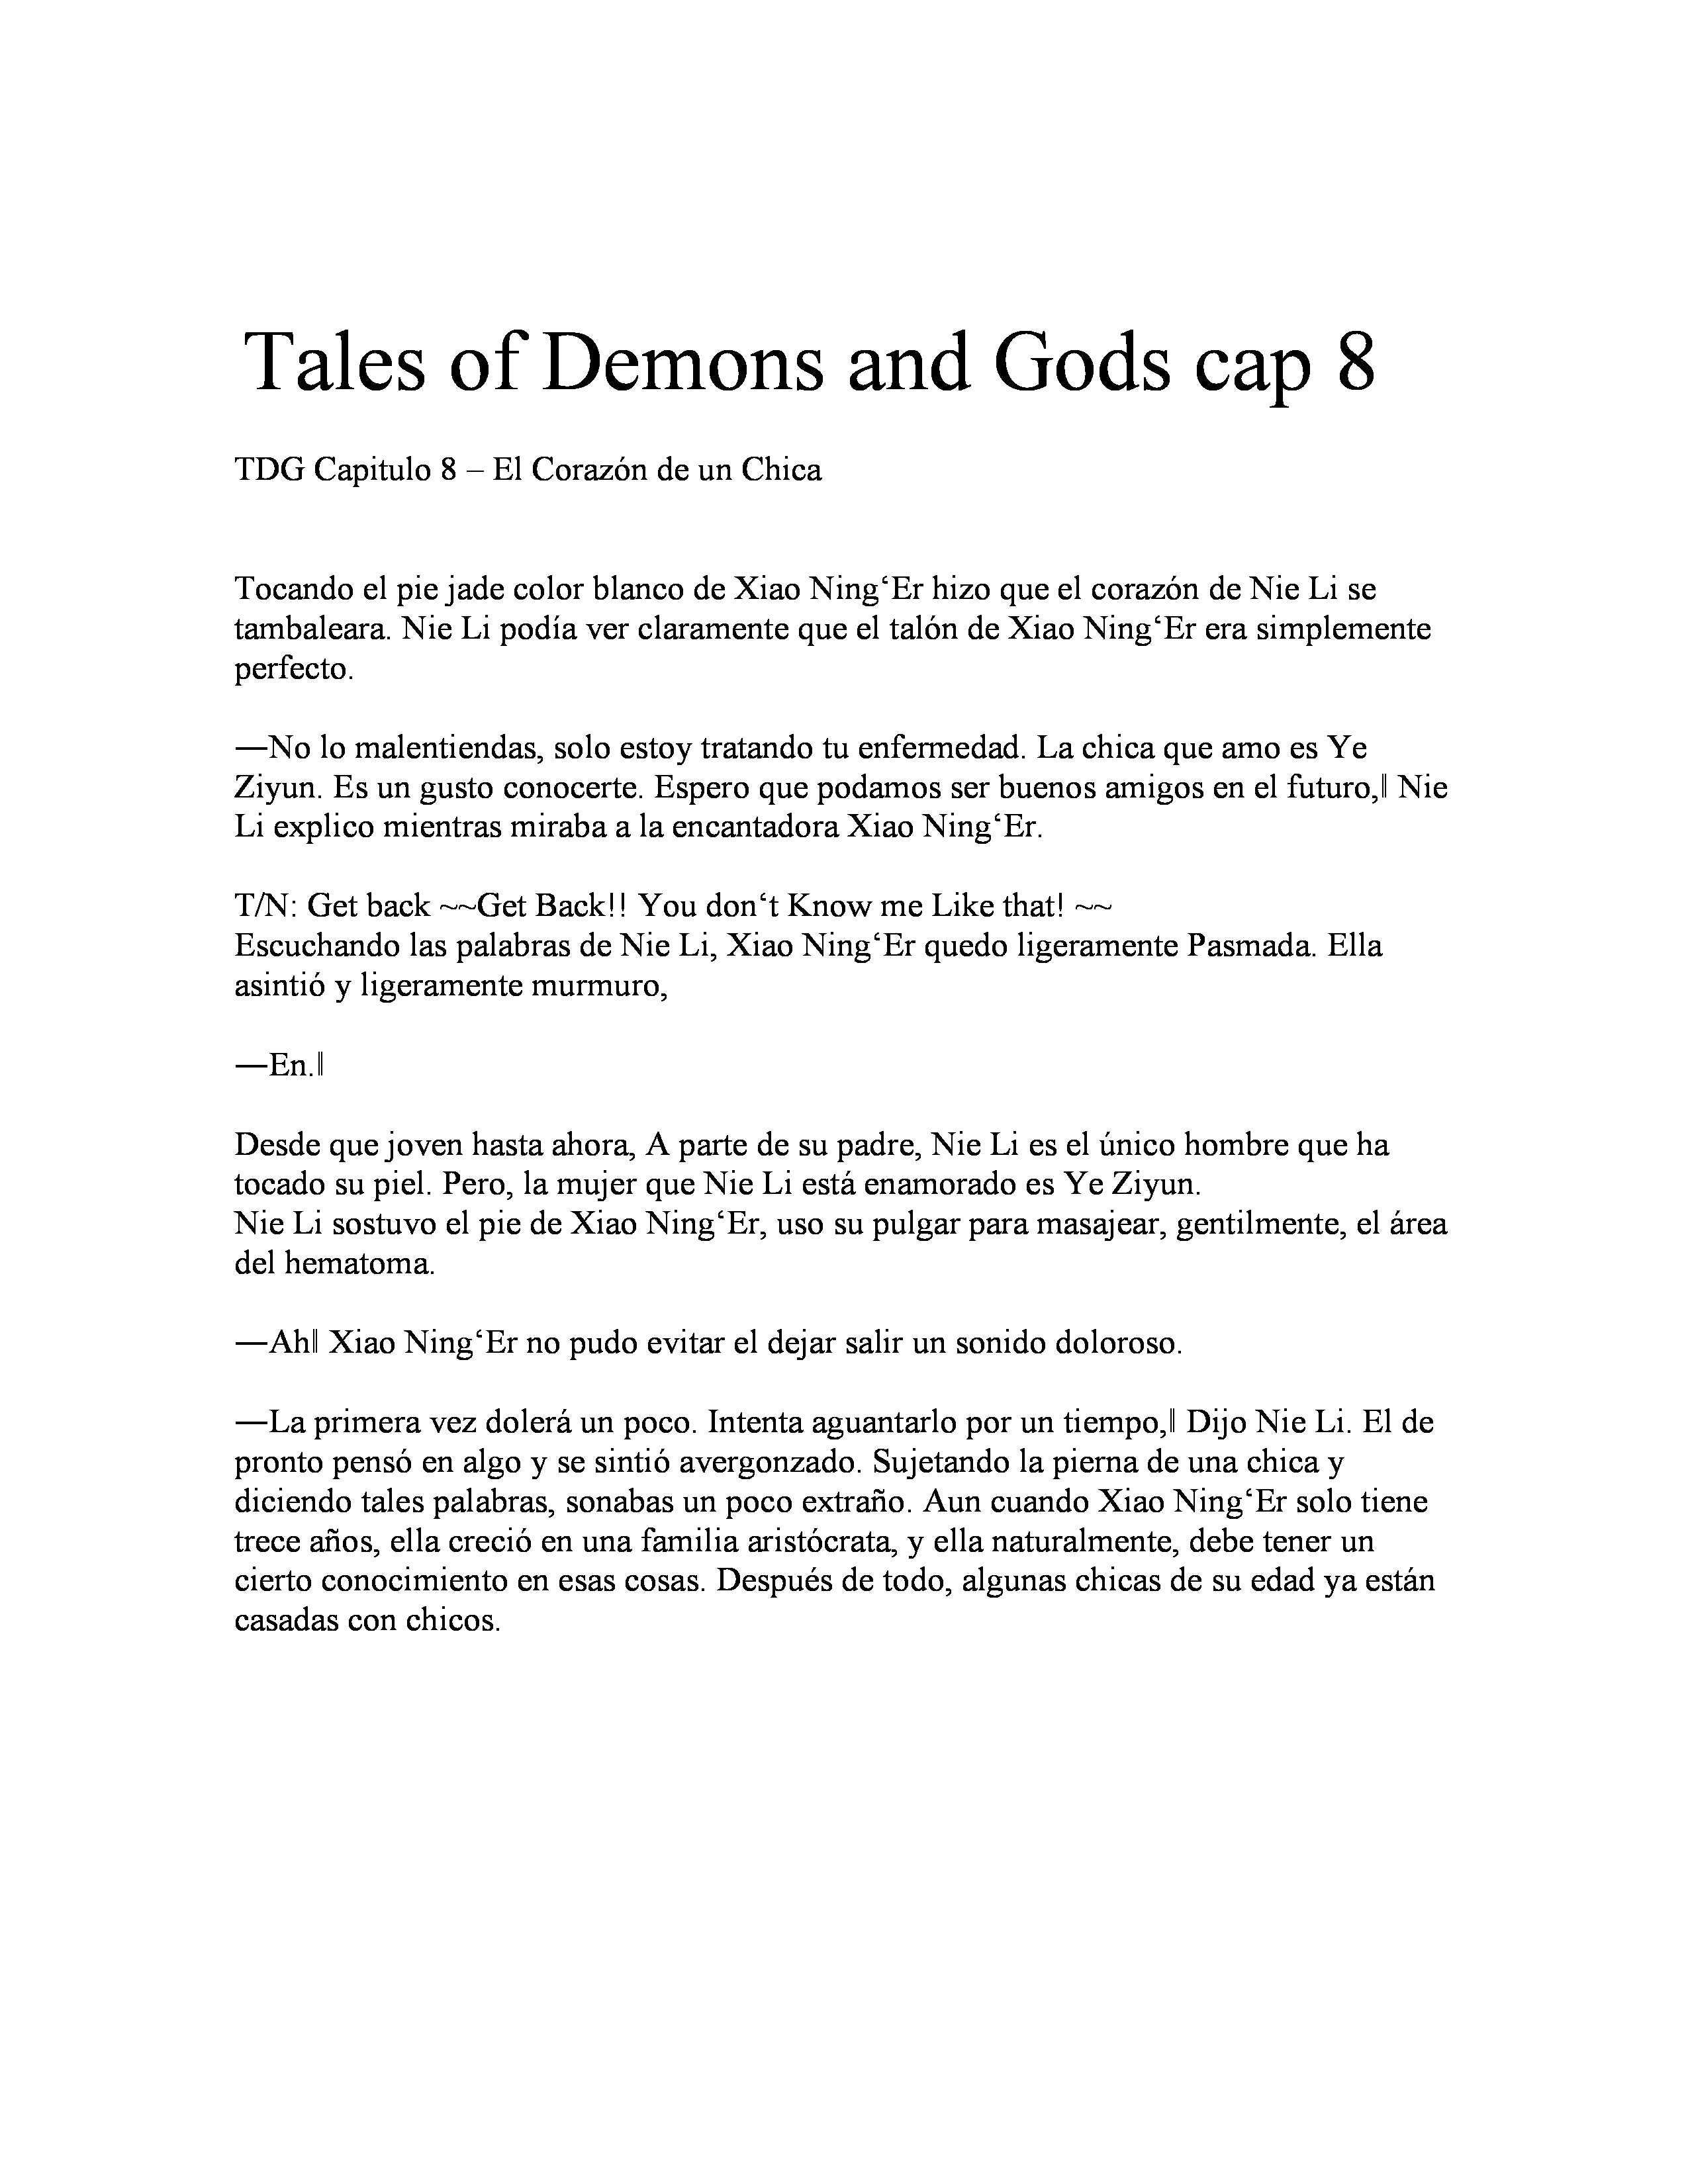 https://c5.ninemanga.com/es_manga/44/20012/478801/5516adb142fcb18a017c72602abbdb6d.jpg Page 1